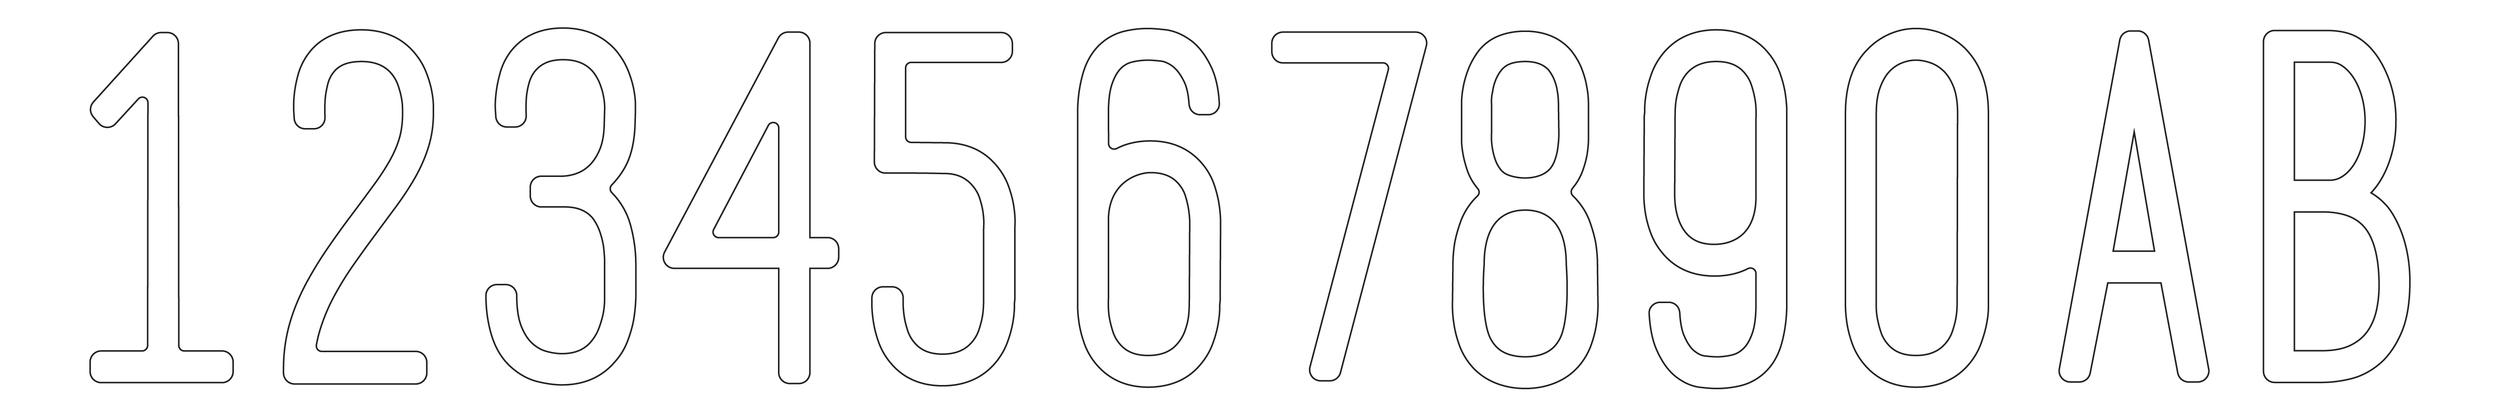 Javi Design Number Set